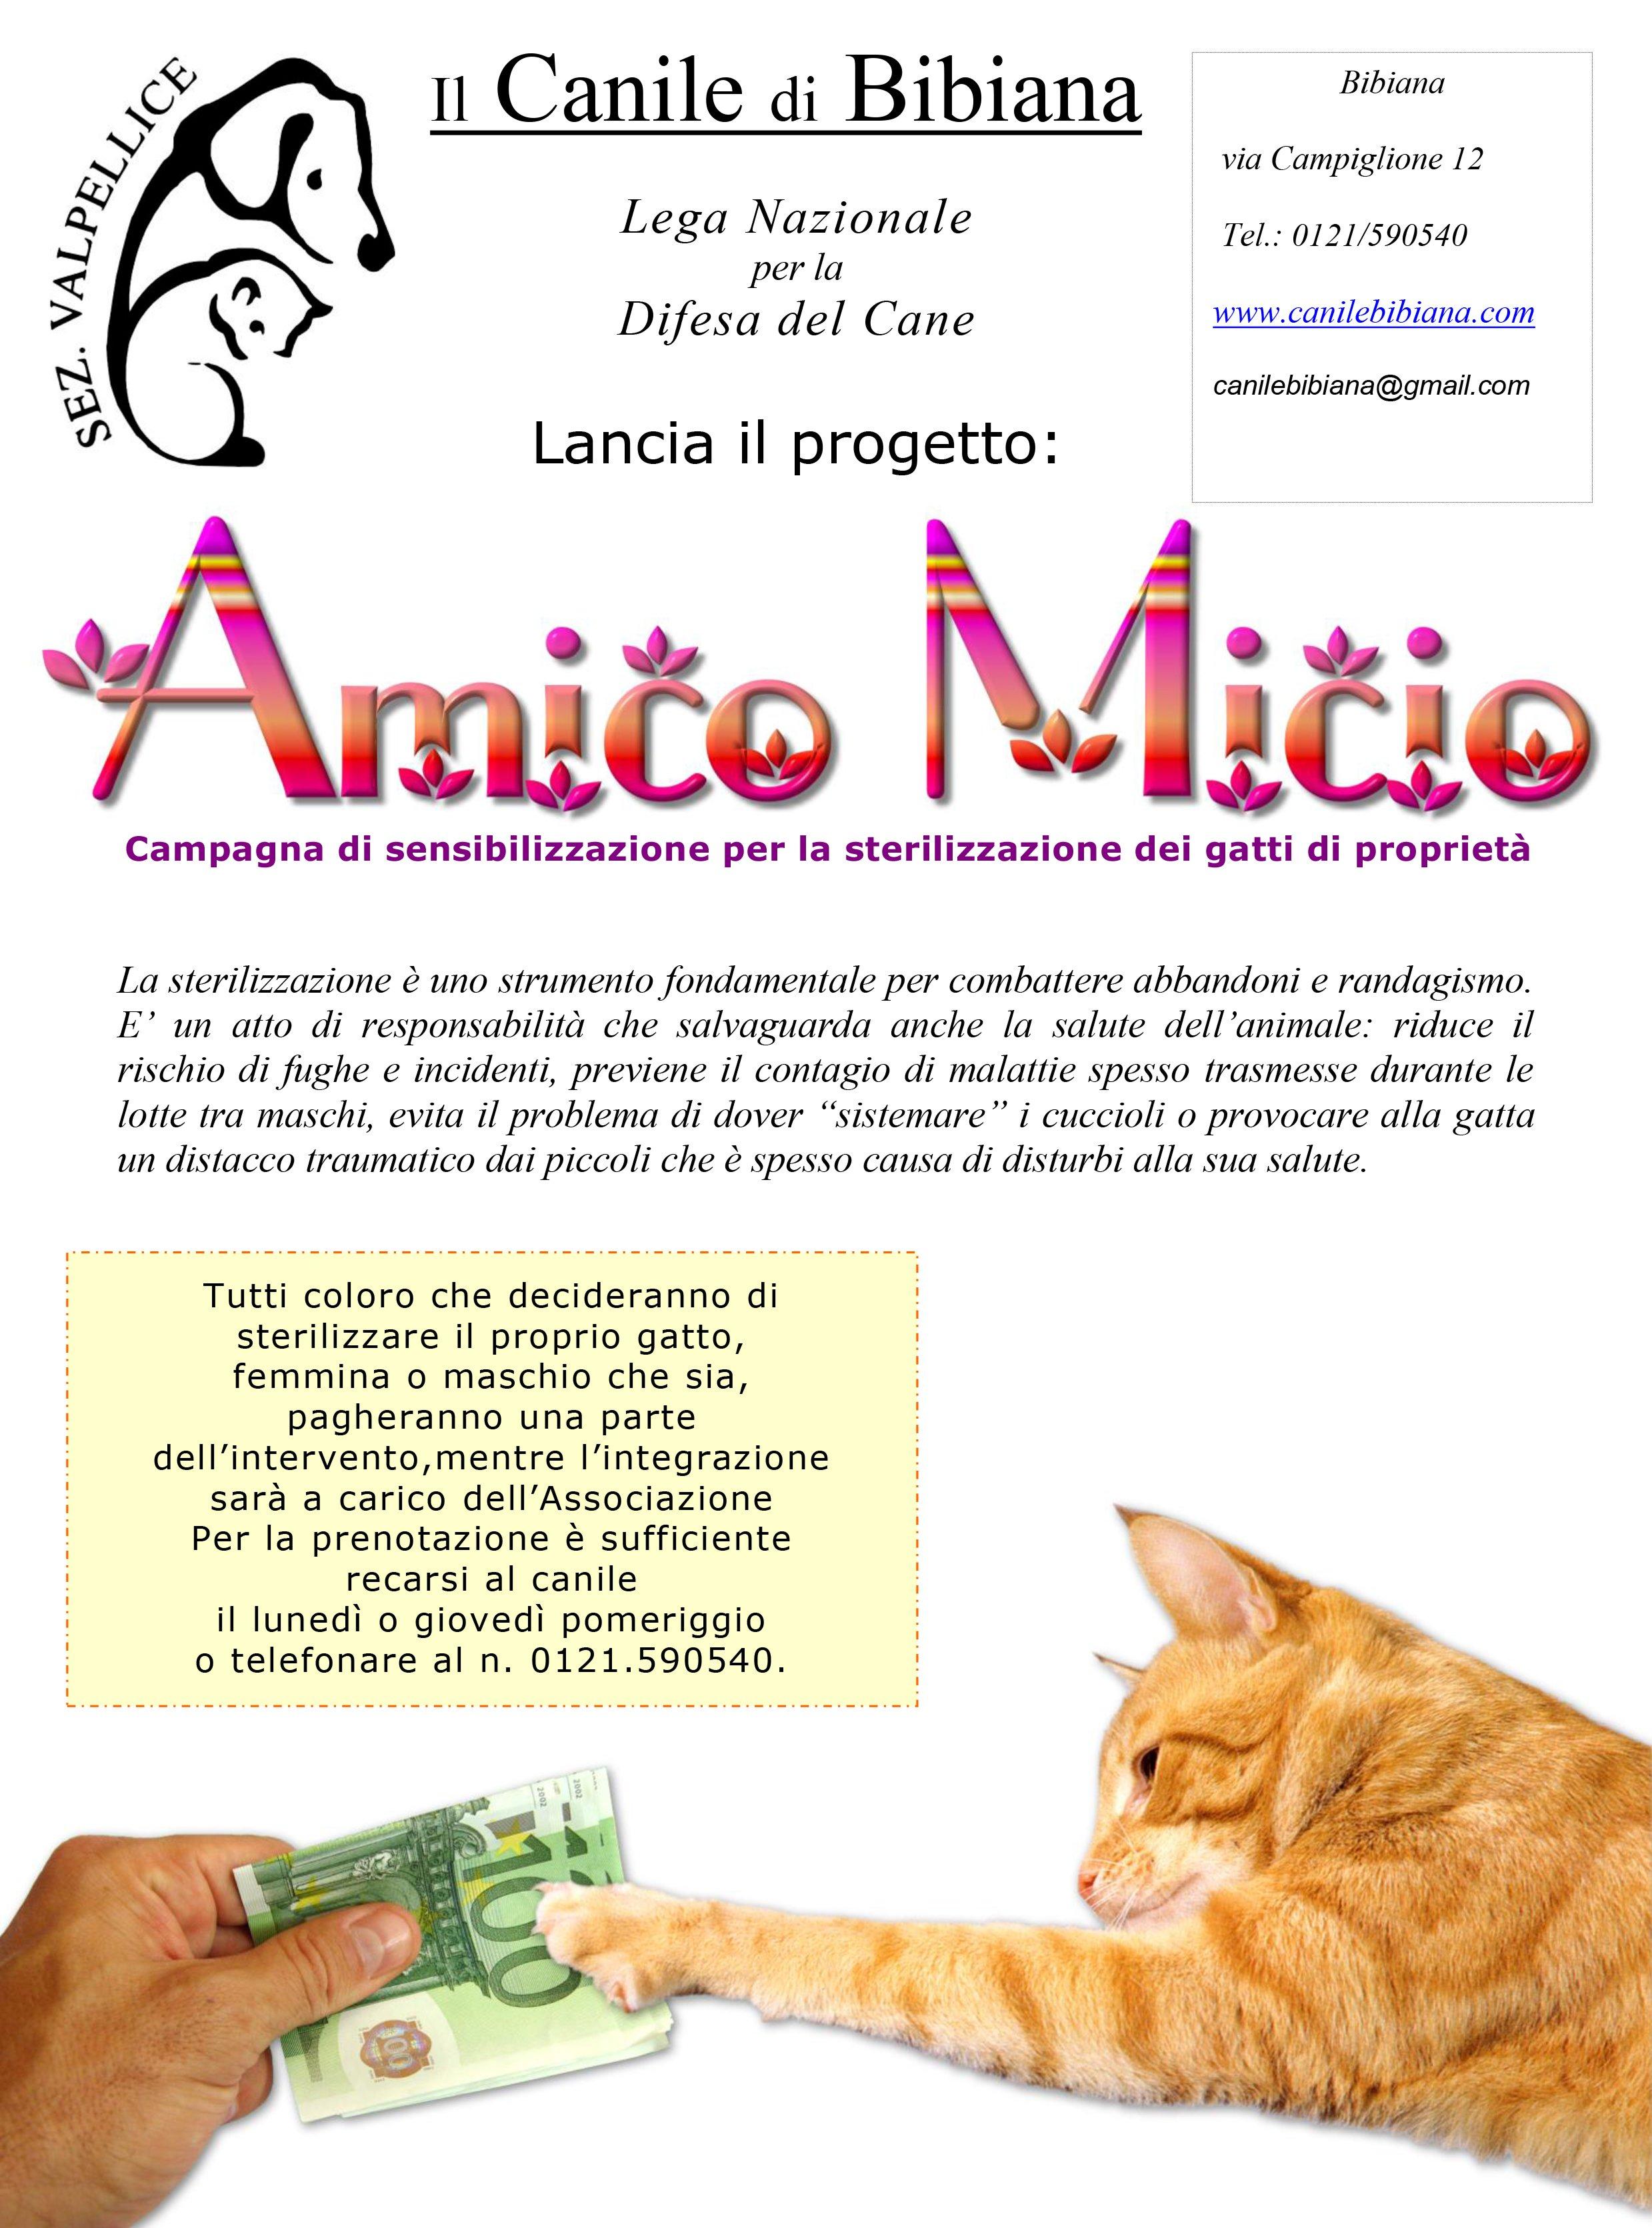 campagna per la sterilizzazione dei gatti